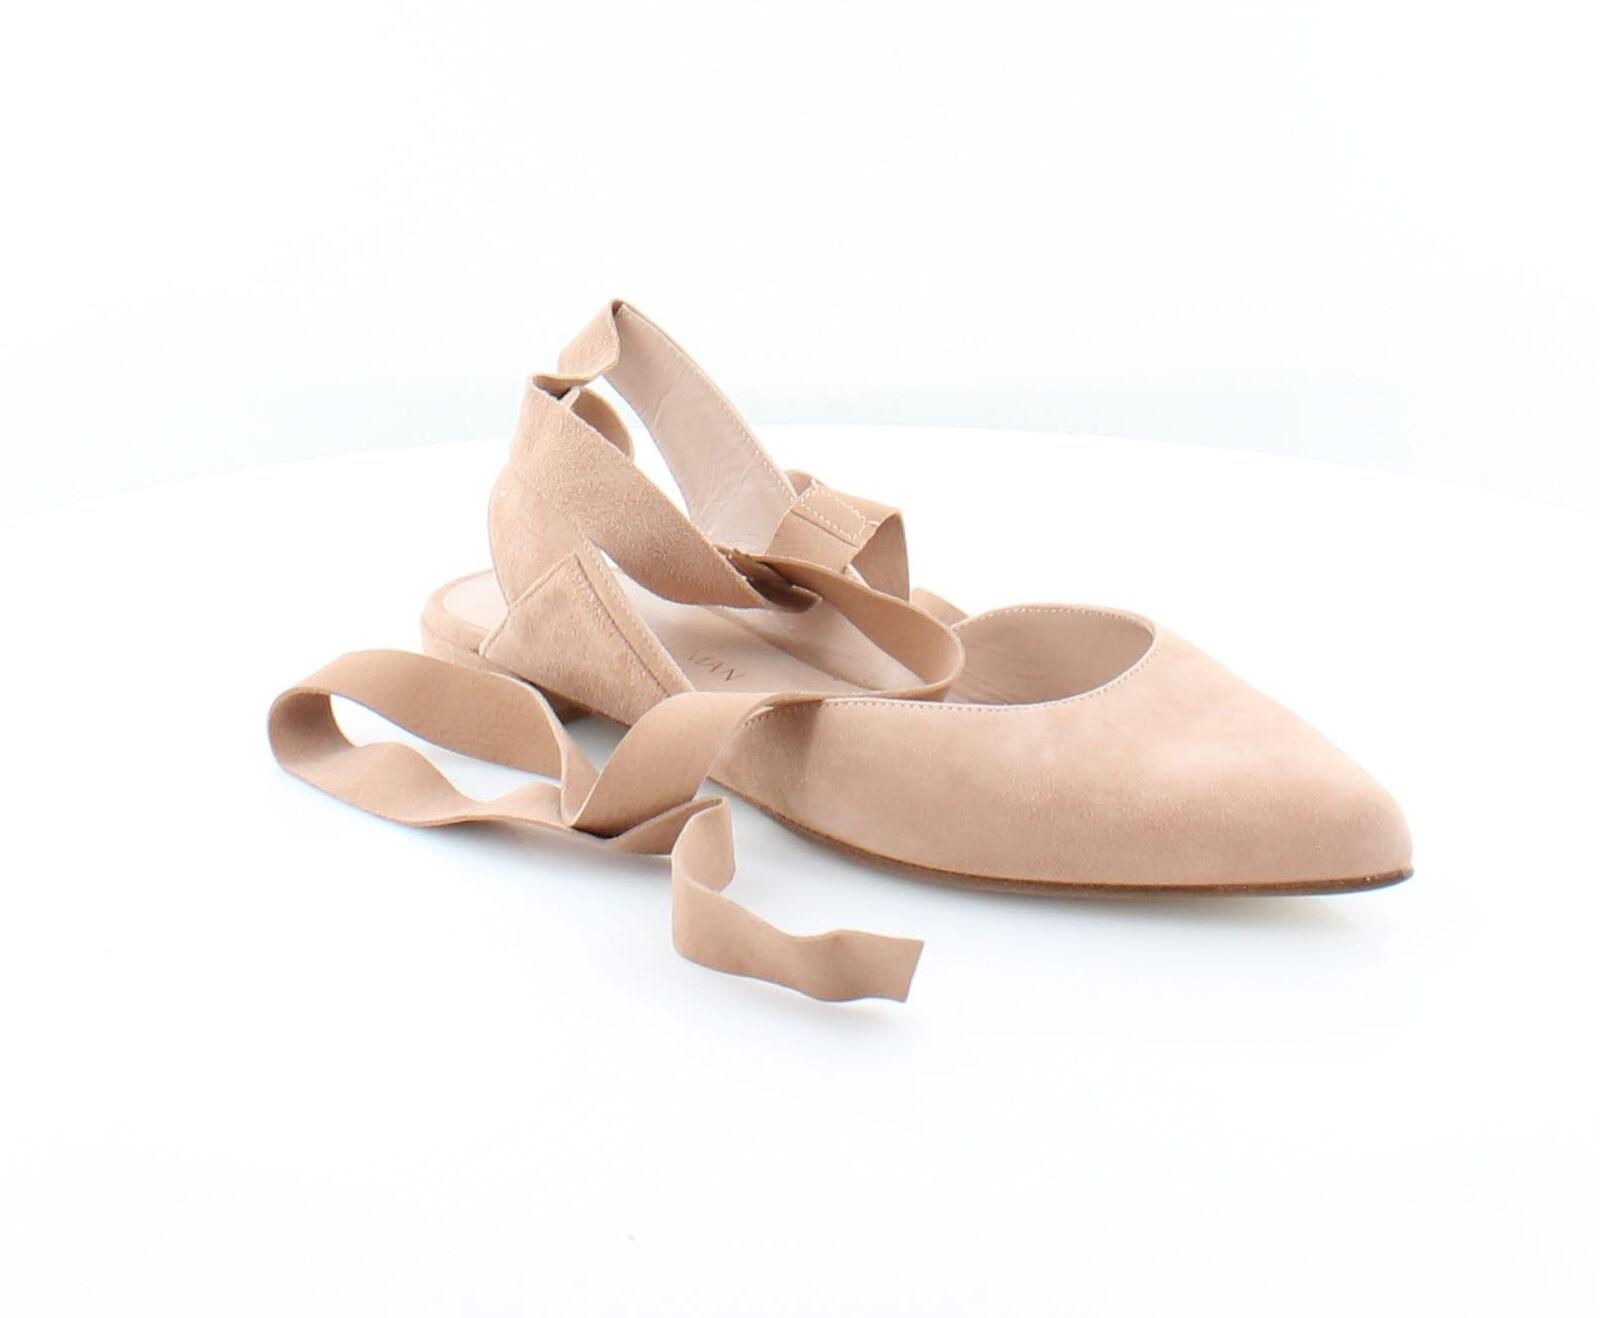 Stuart Weitzman Superson Beige Womens Shoes Size 8 M Flats MSRP $398